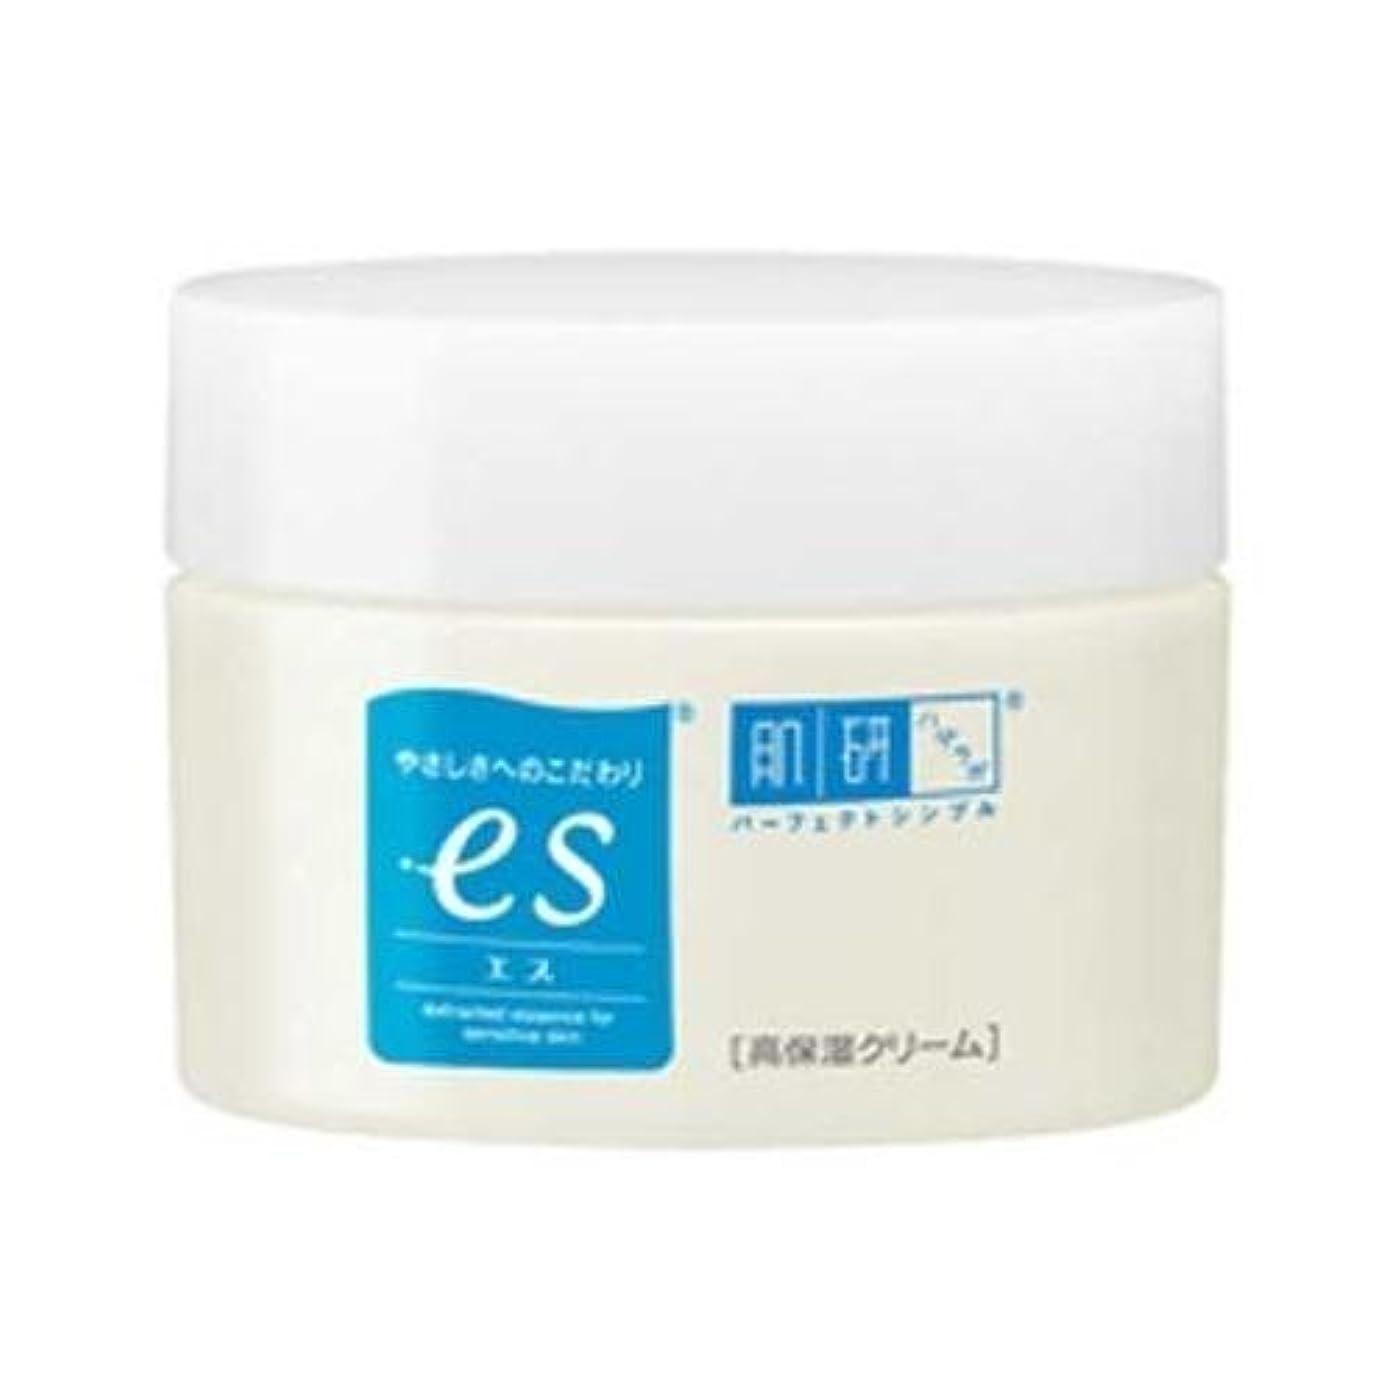 添付責め苦行肌ラボ es(エス) ナノ化ミネラルヒアルロン酸配合 無添加処方 高保湿クリーム 50g